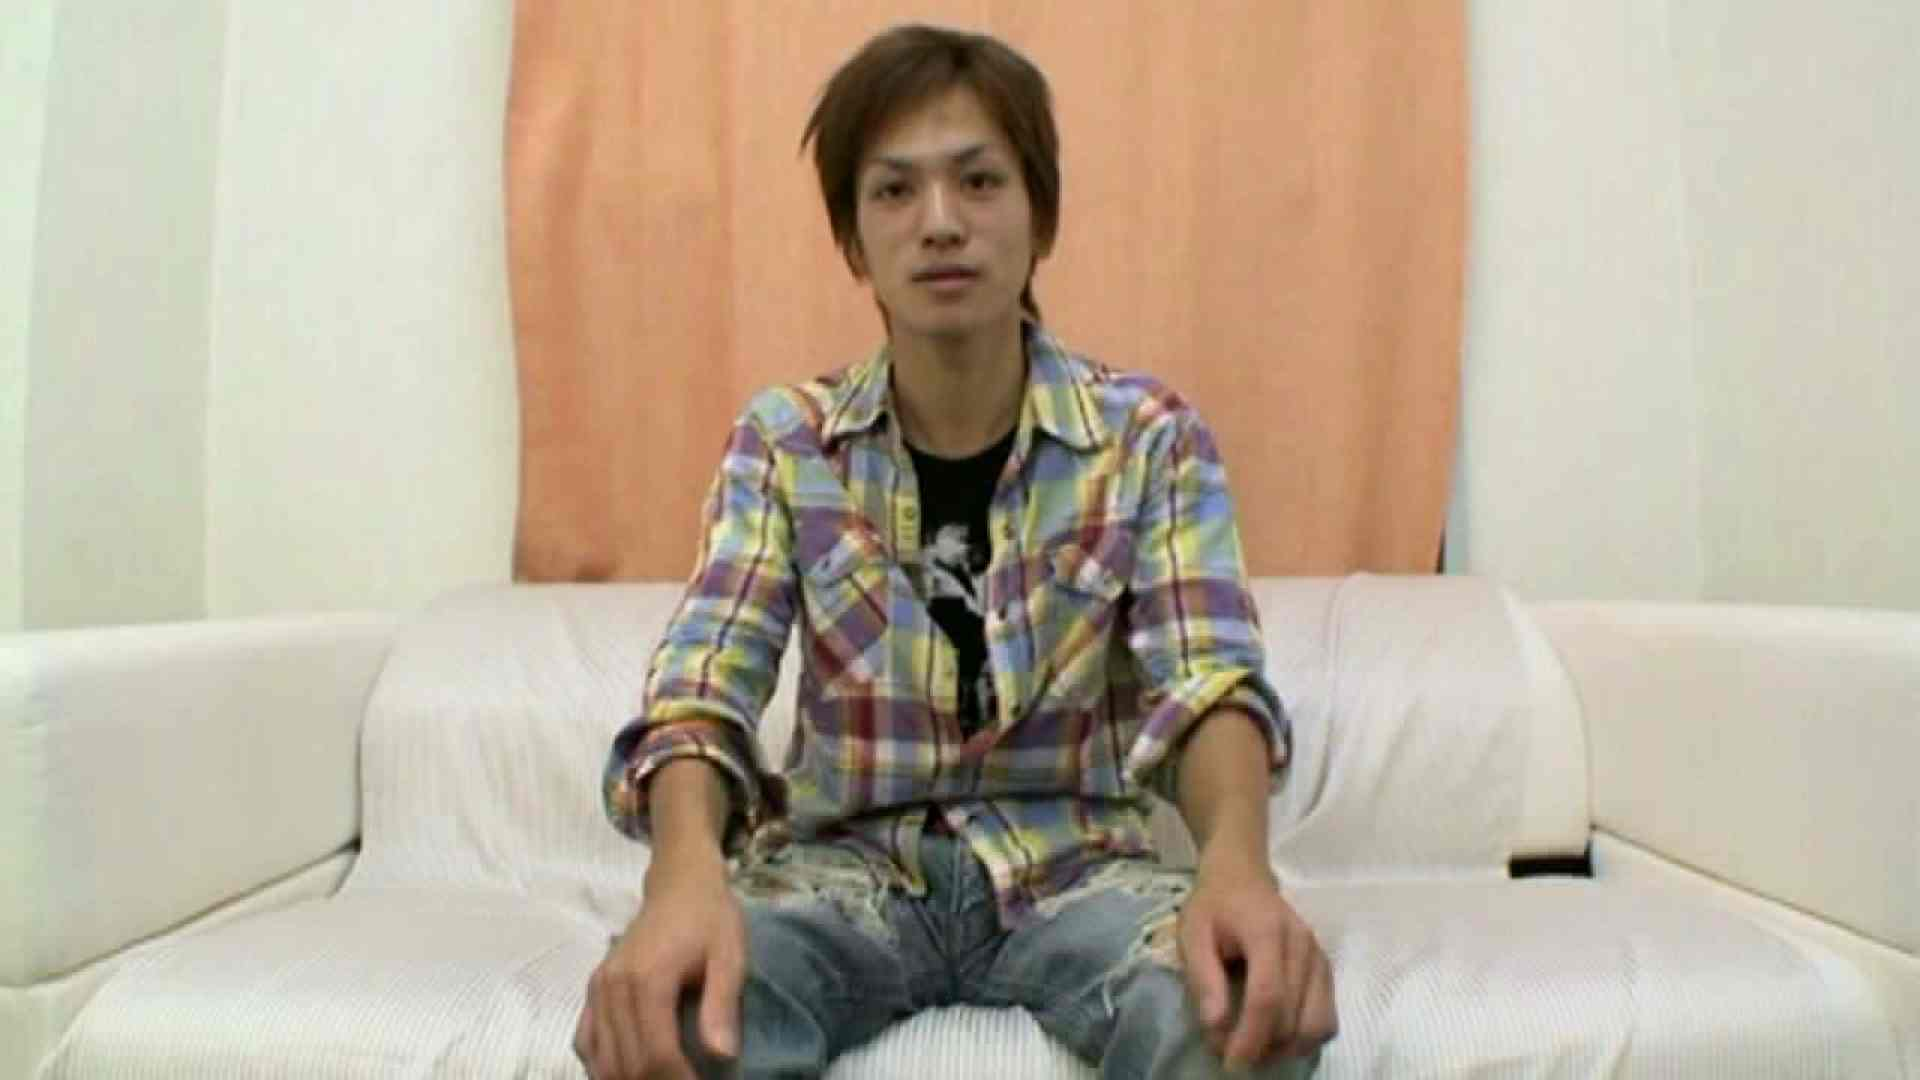 ノンケ!自慰スタジオ No.03 手コキ ゲイセックス画像 58pic 26